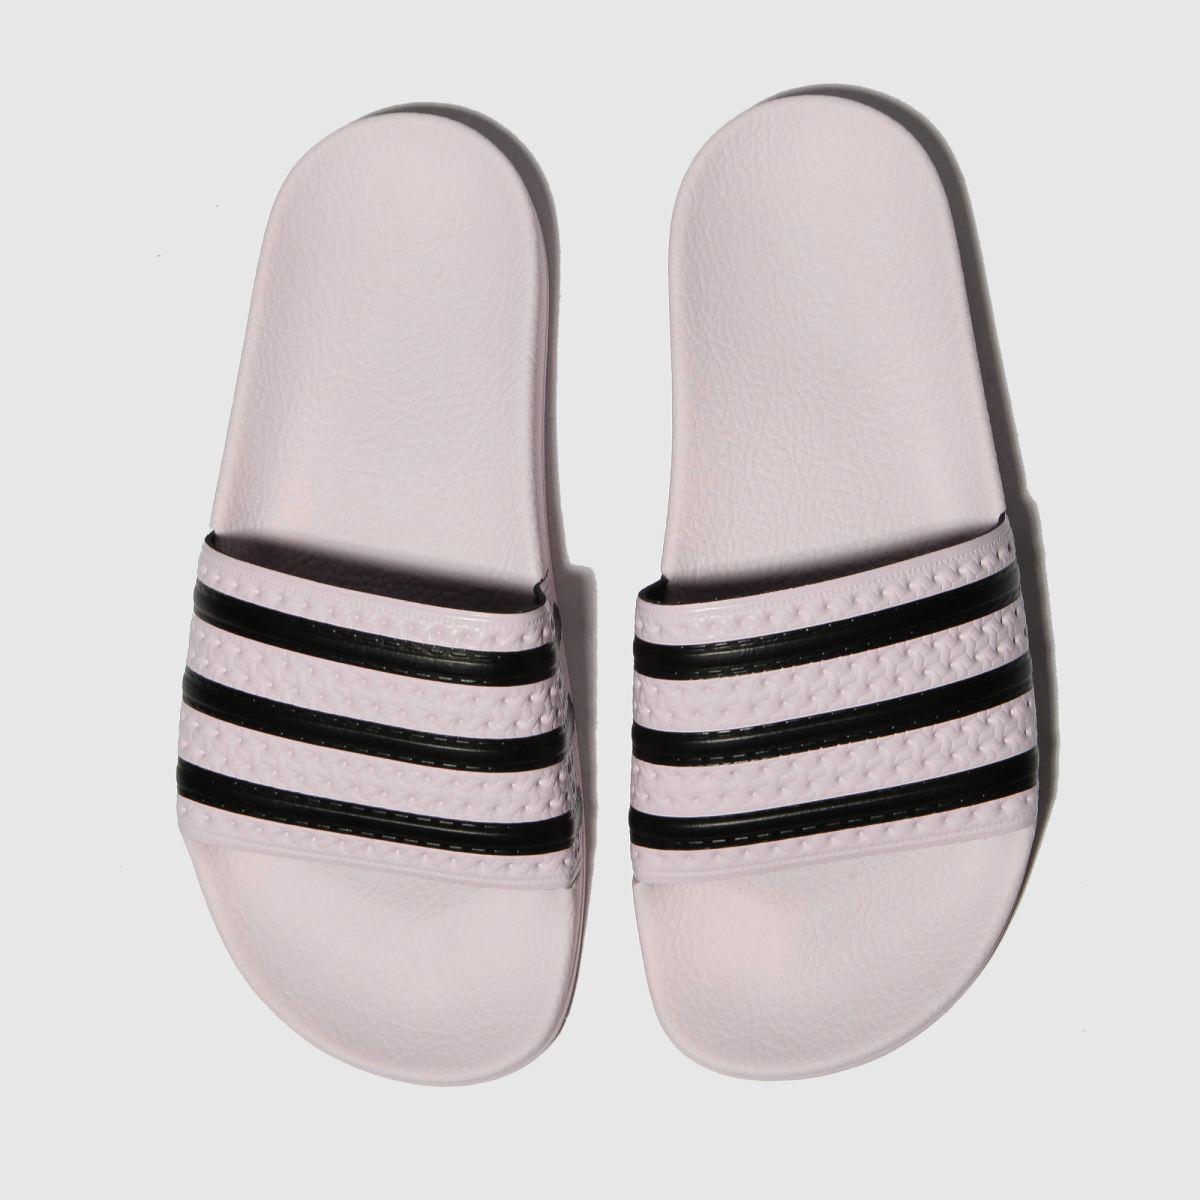 Adidas Pink & Black Adilette Slide Sandals